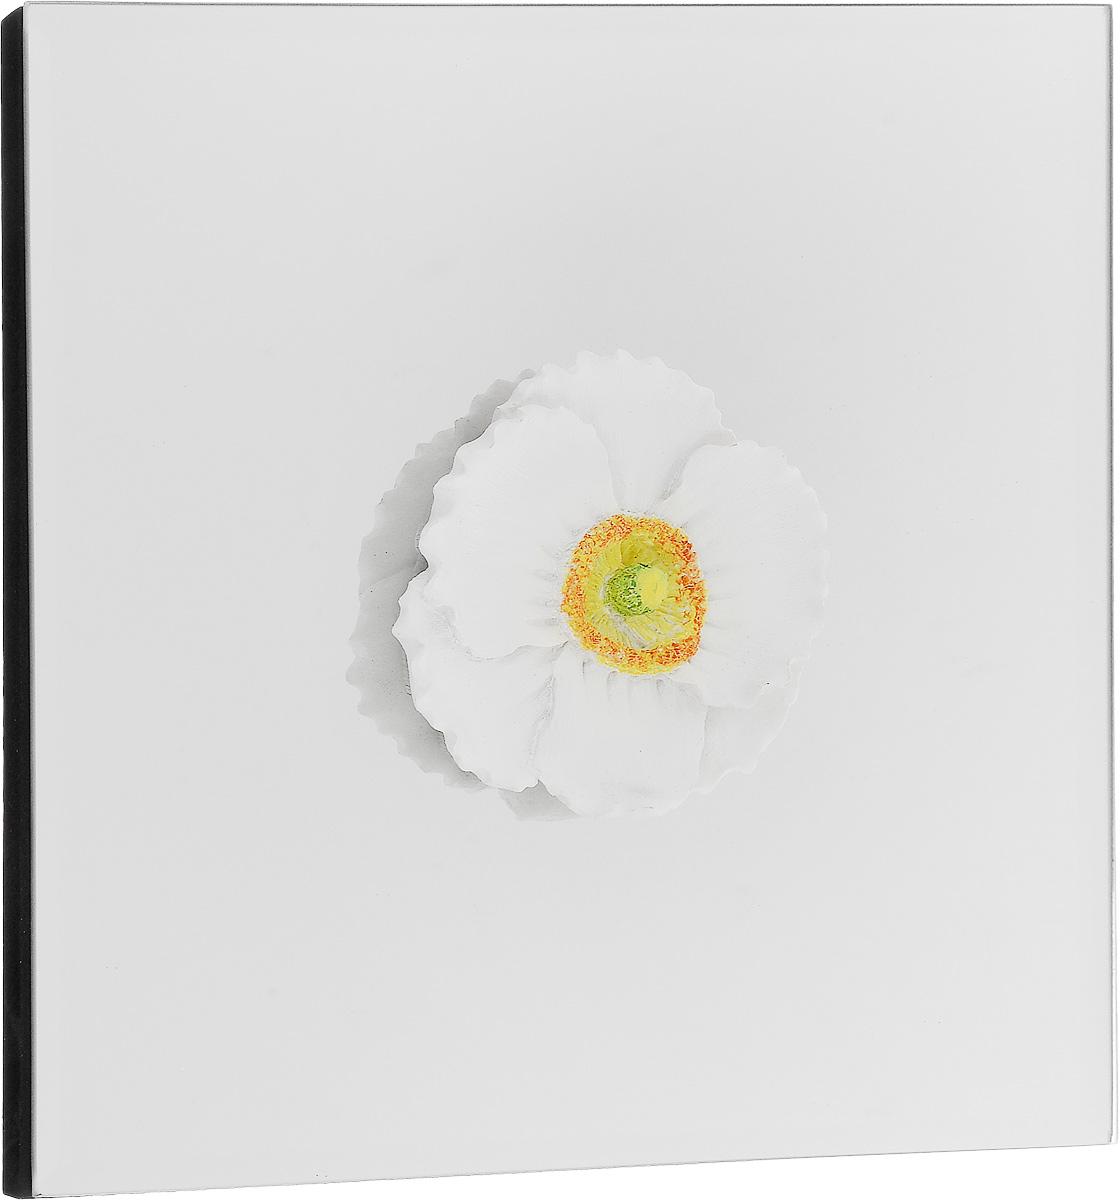 Украшение декоративное Феникс-Презент Цветок, настенное, 24 x 24 x 3 см470130-660Настенное украшение Феникс-Презент Цветок изготовлено из основы МДФ и зеркального стекла, декоративный элемент выполнен из полирезина в виде цветка. Для удобства размещения изделие оснащено металлической петелькой для подвешивания. Такое украшение не только подчеркнет ваш изысканный вкус, но и прекрасным подарком, который обязательно порадует получателя.